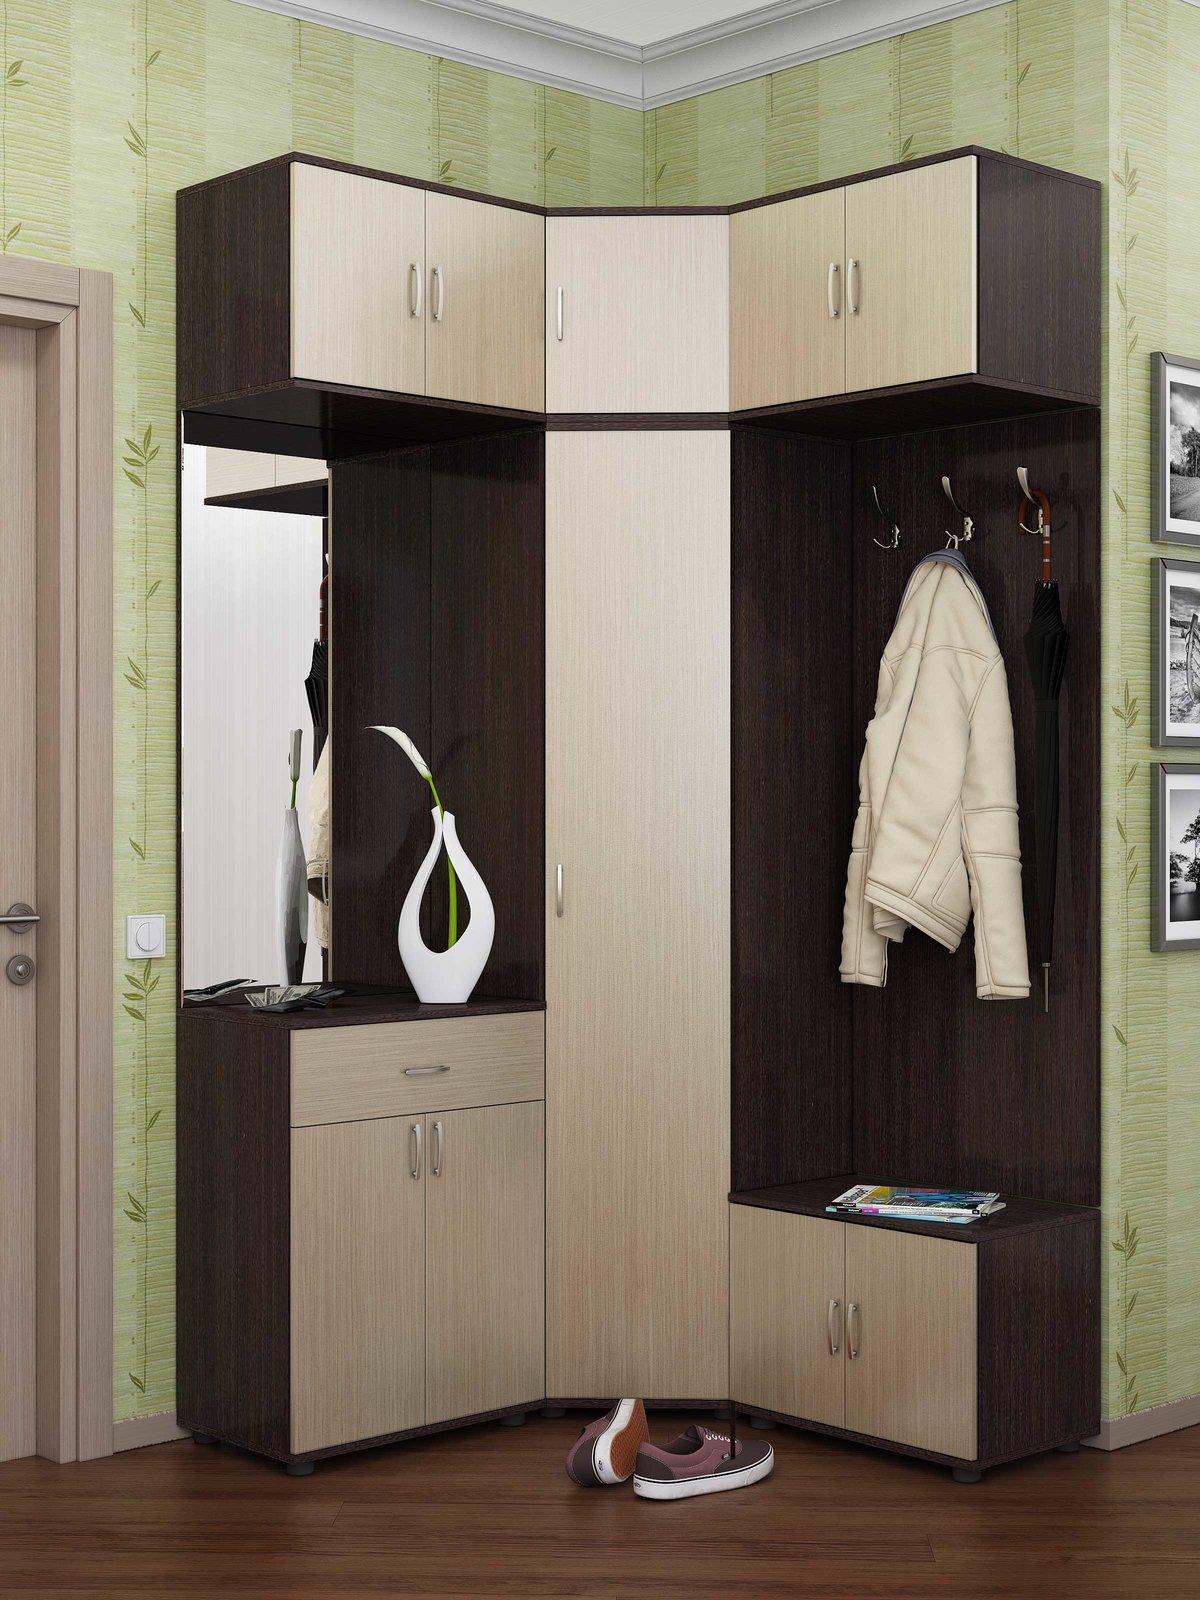 являются единственной мебель для углового коридора фото ушёл навсегда, про